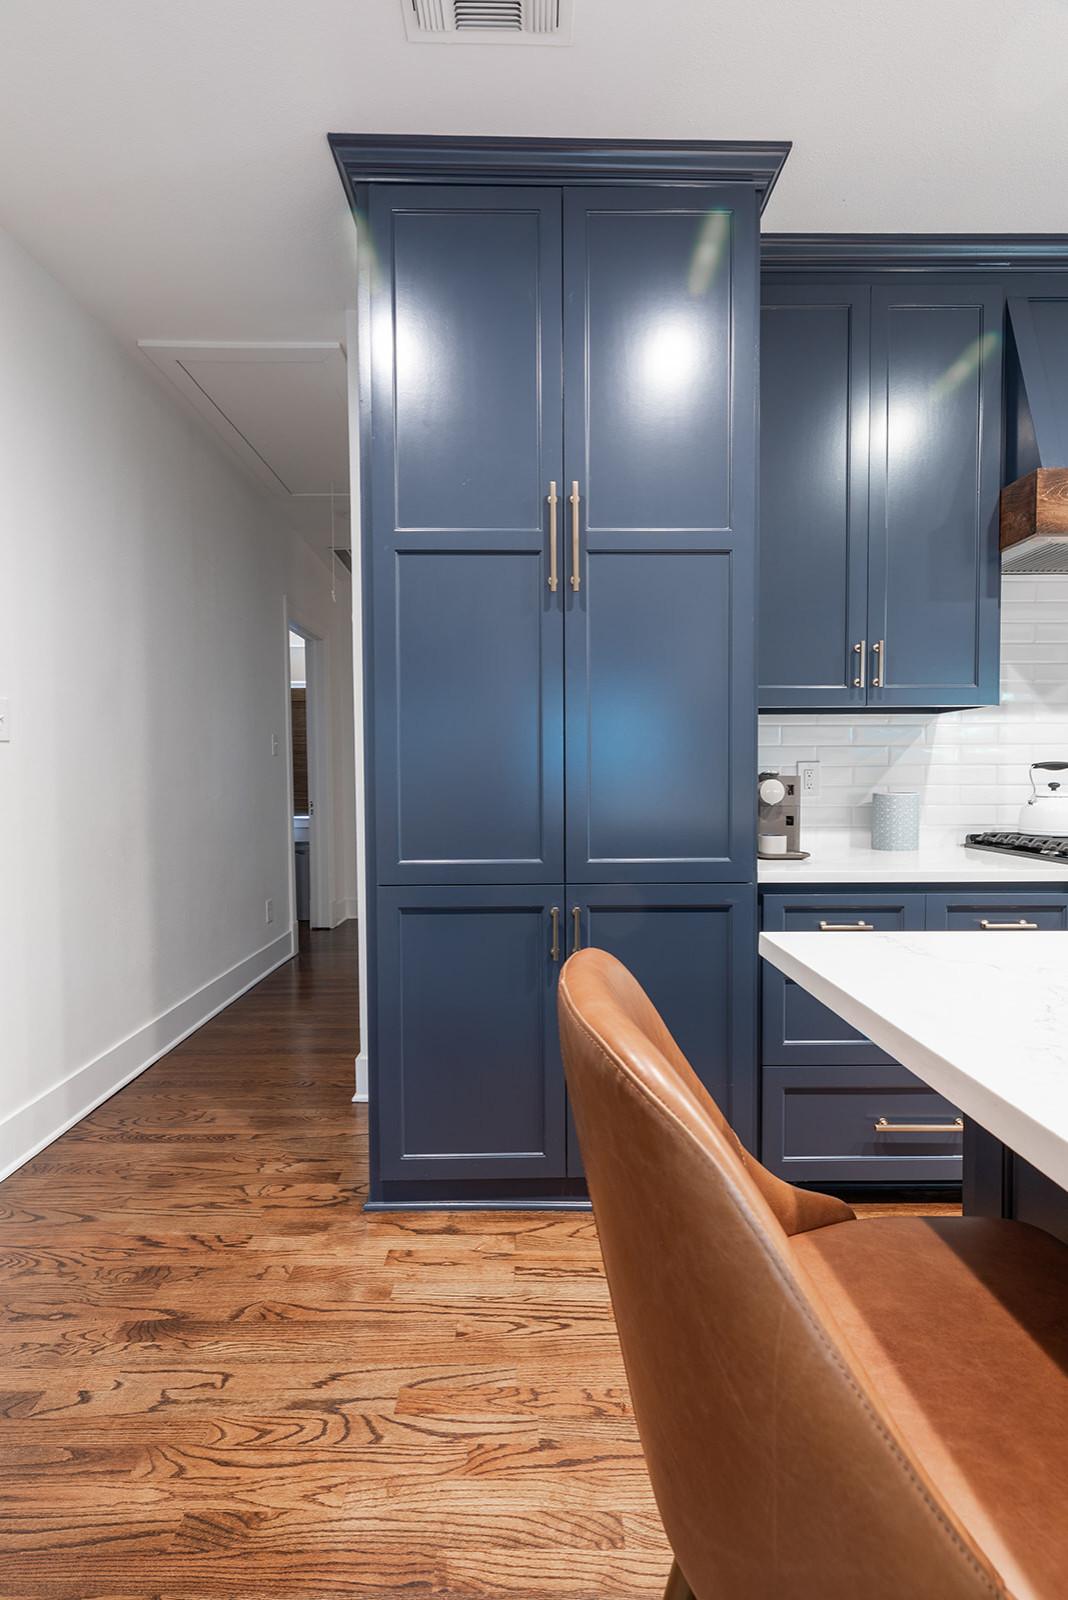 Kessler Park Navy Blue Dream Kitchen